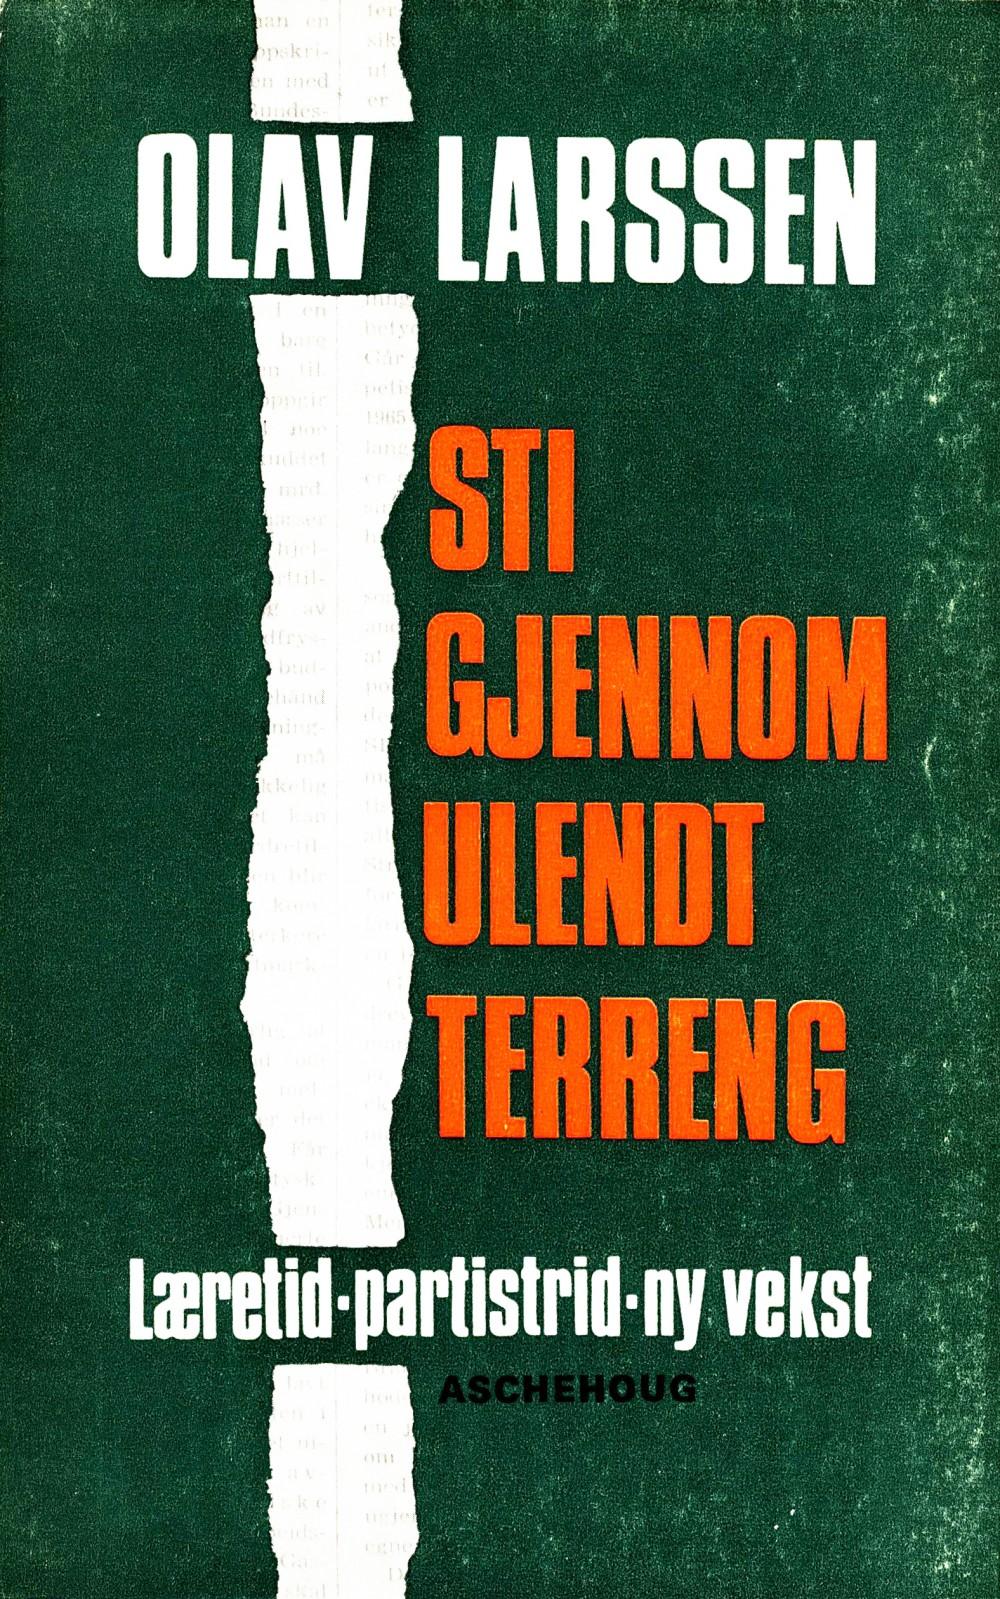 Olav Larssen: Sti gjennom ulendt terreng